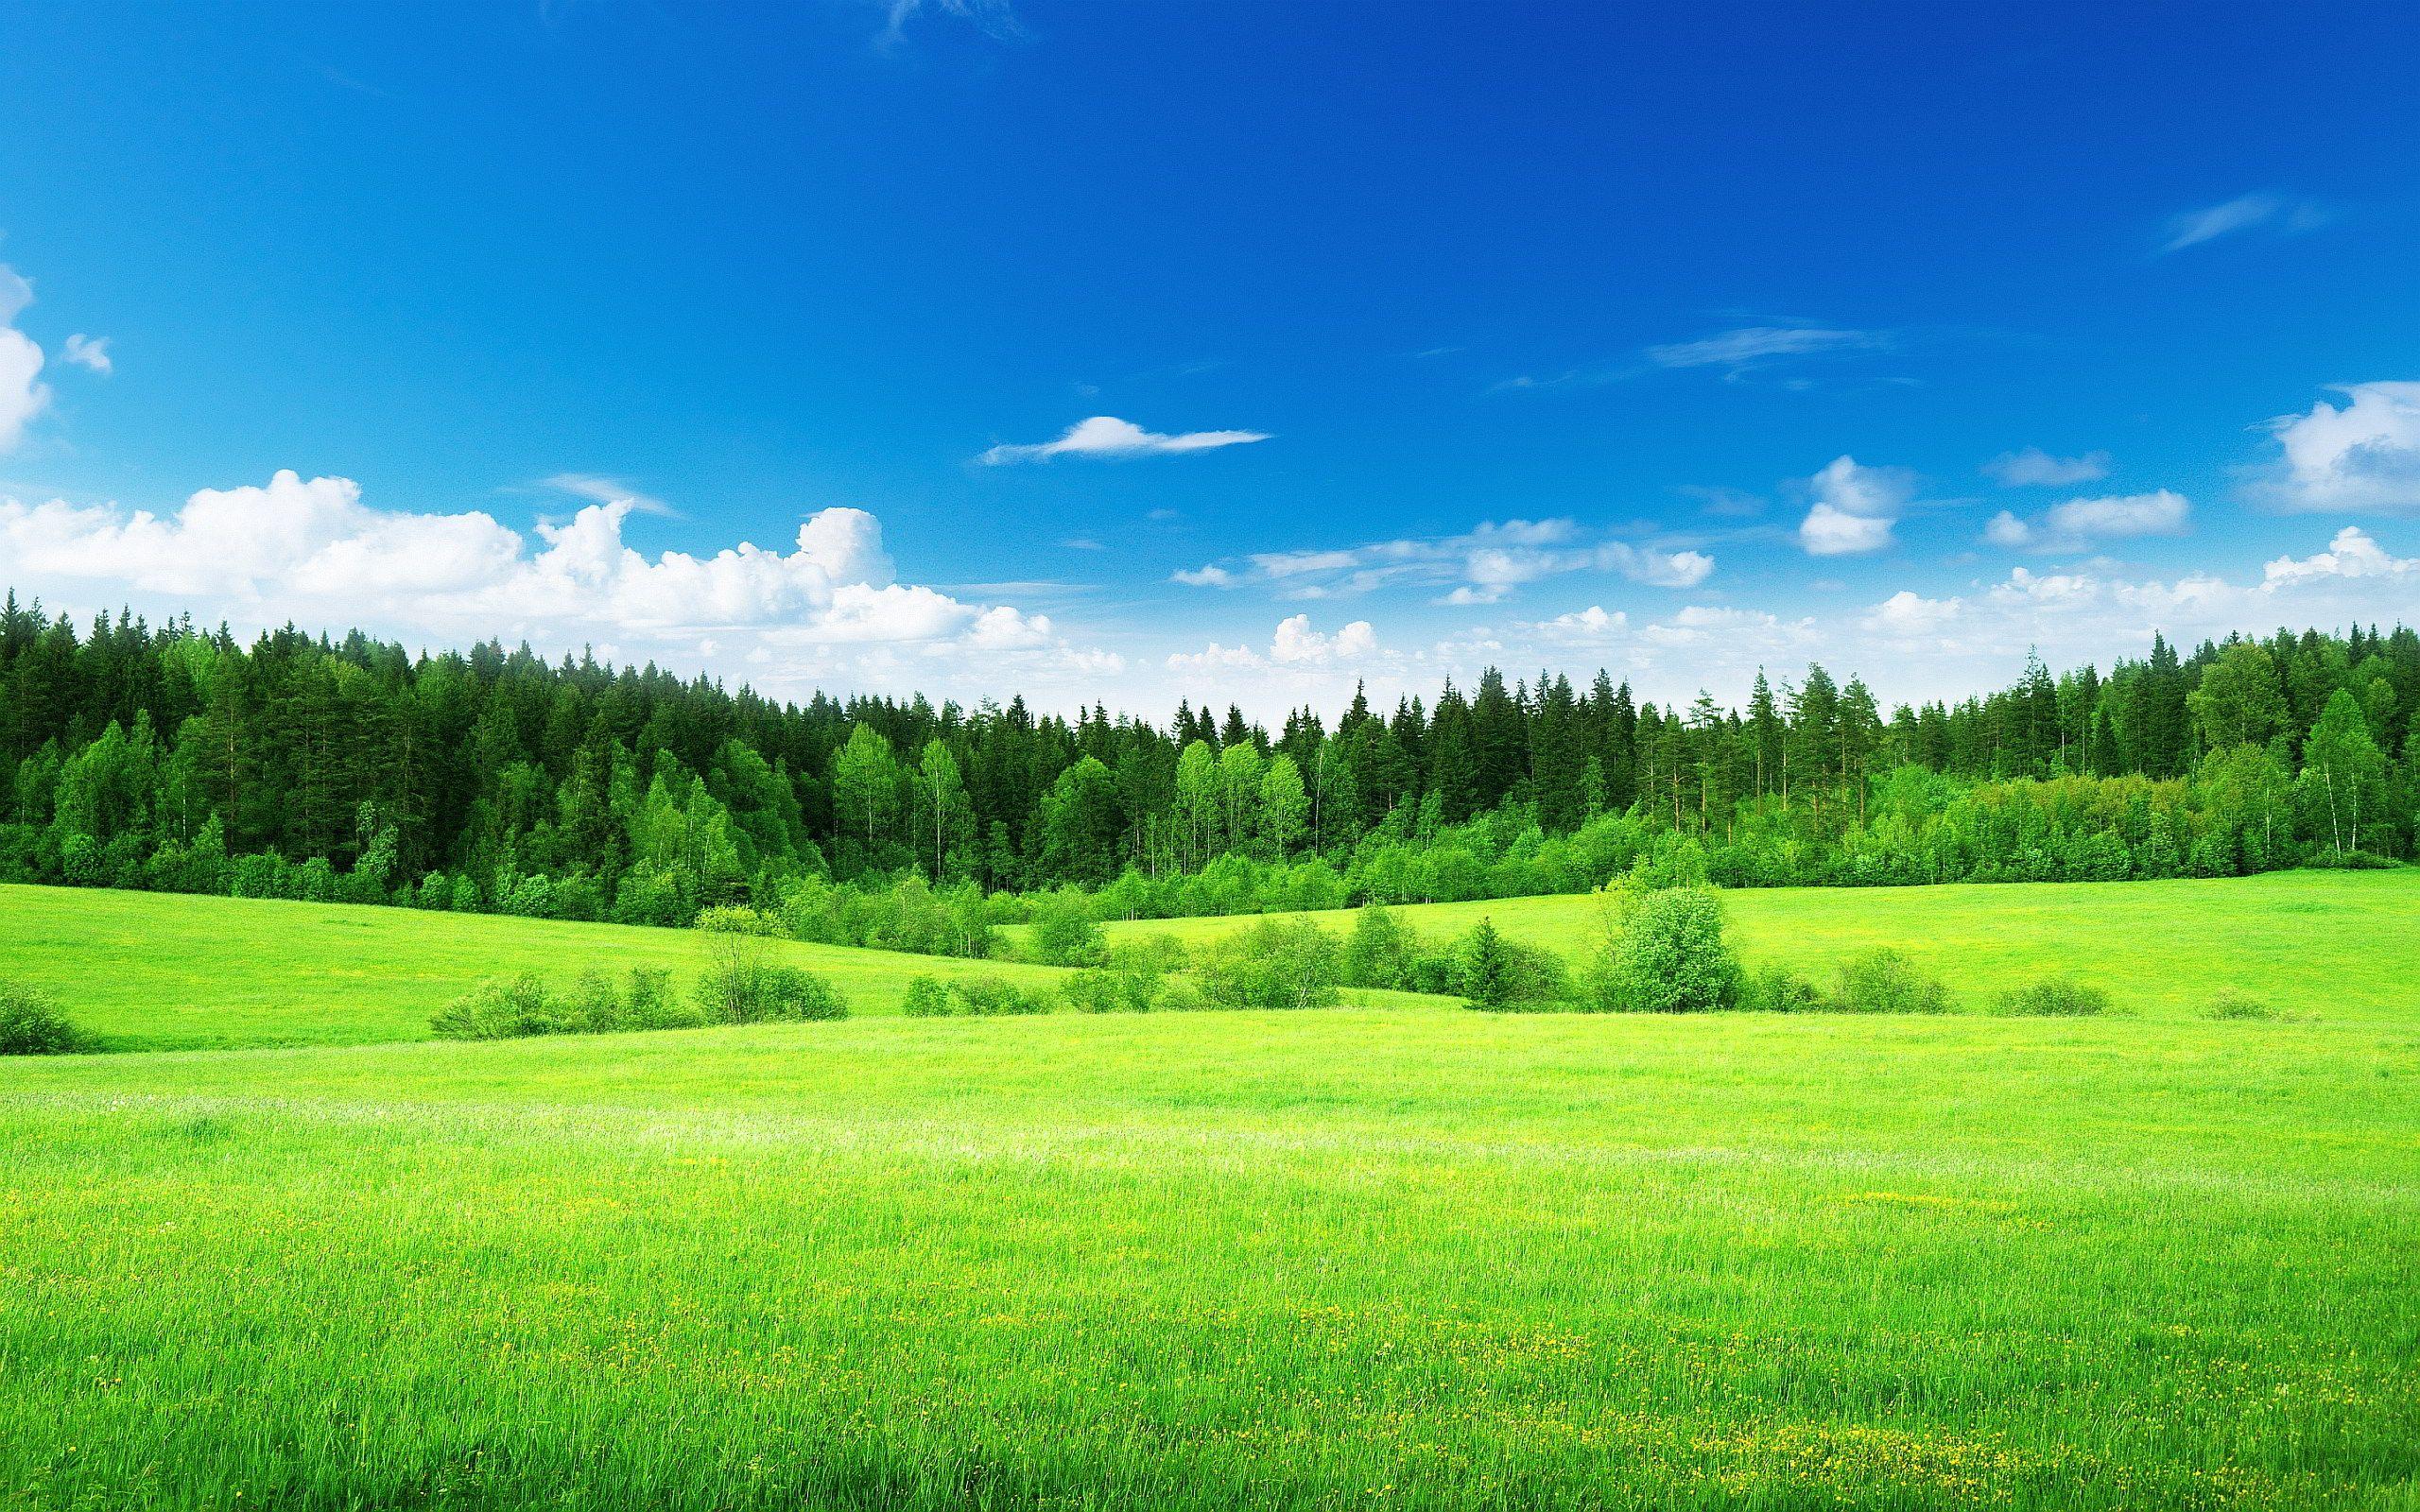 Earth And World 2020 Popular Magazine Grass Wallpaper Green Nature Wallpaper Landscape Wallpaper